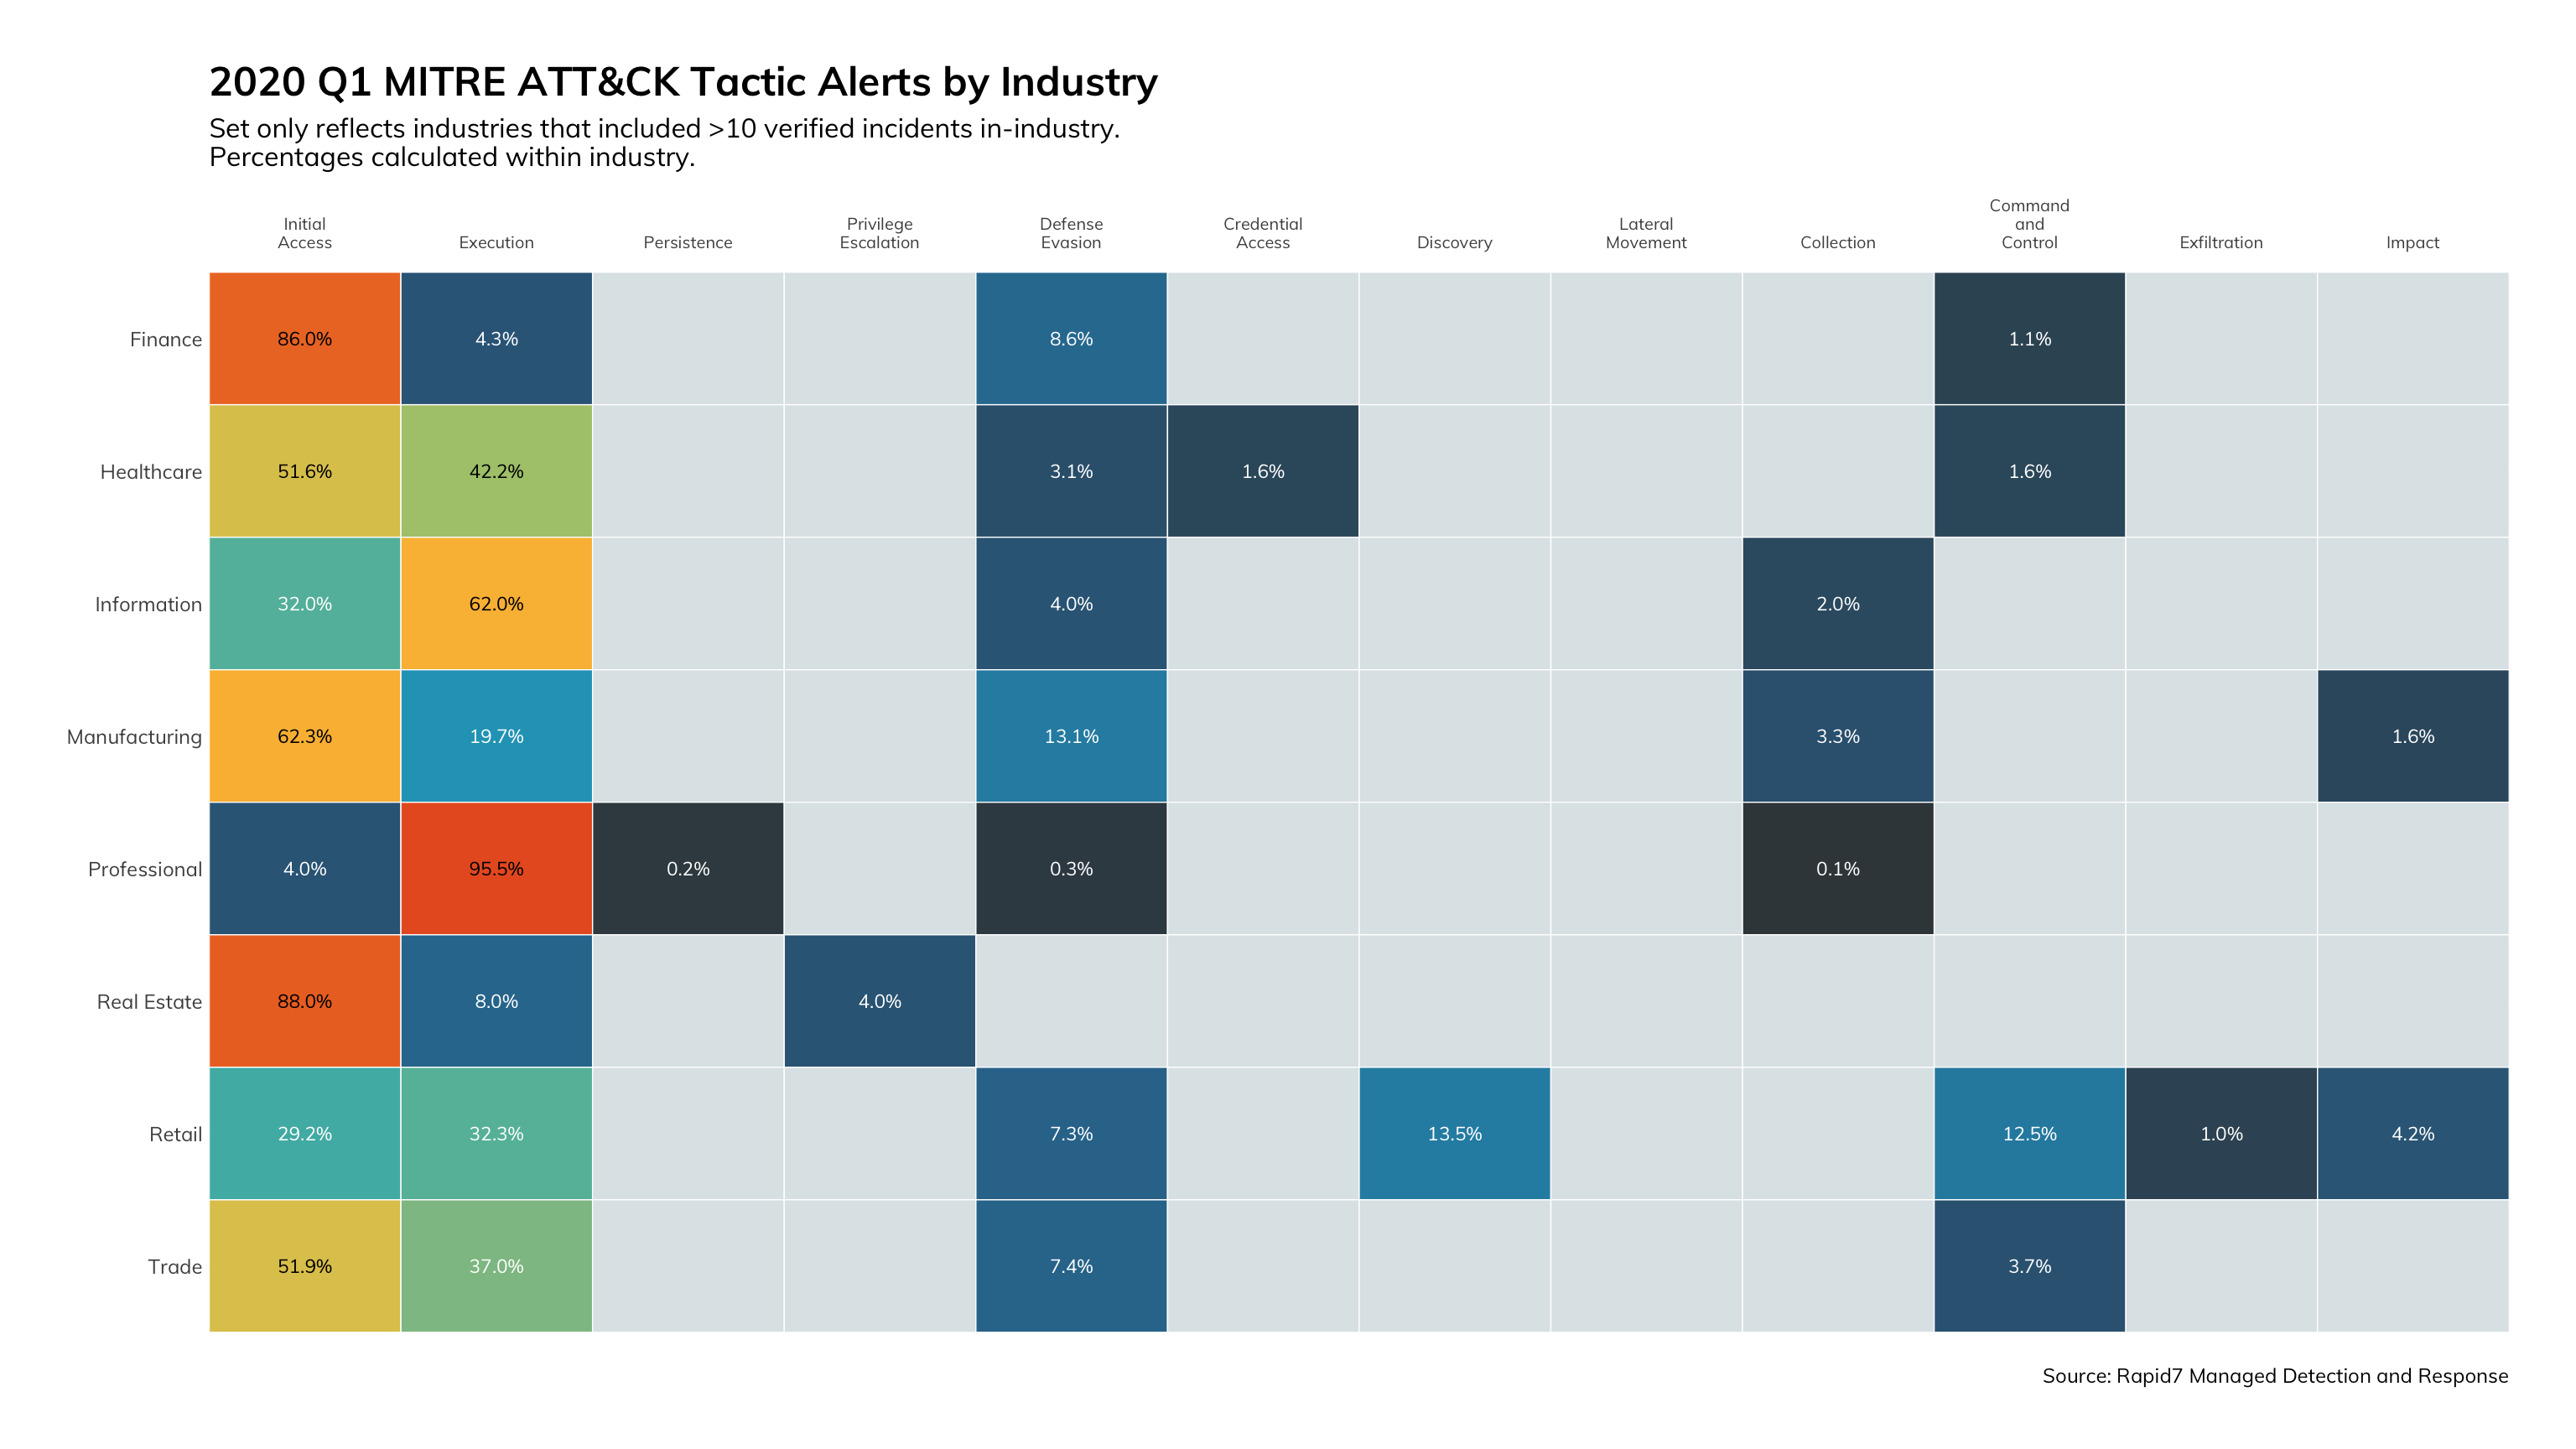 Figure 6: 2020 Q1 MITRE ATT&CK Tactic Alerts by Industry